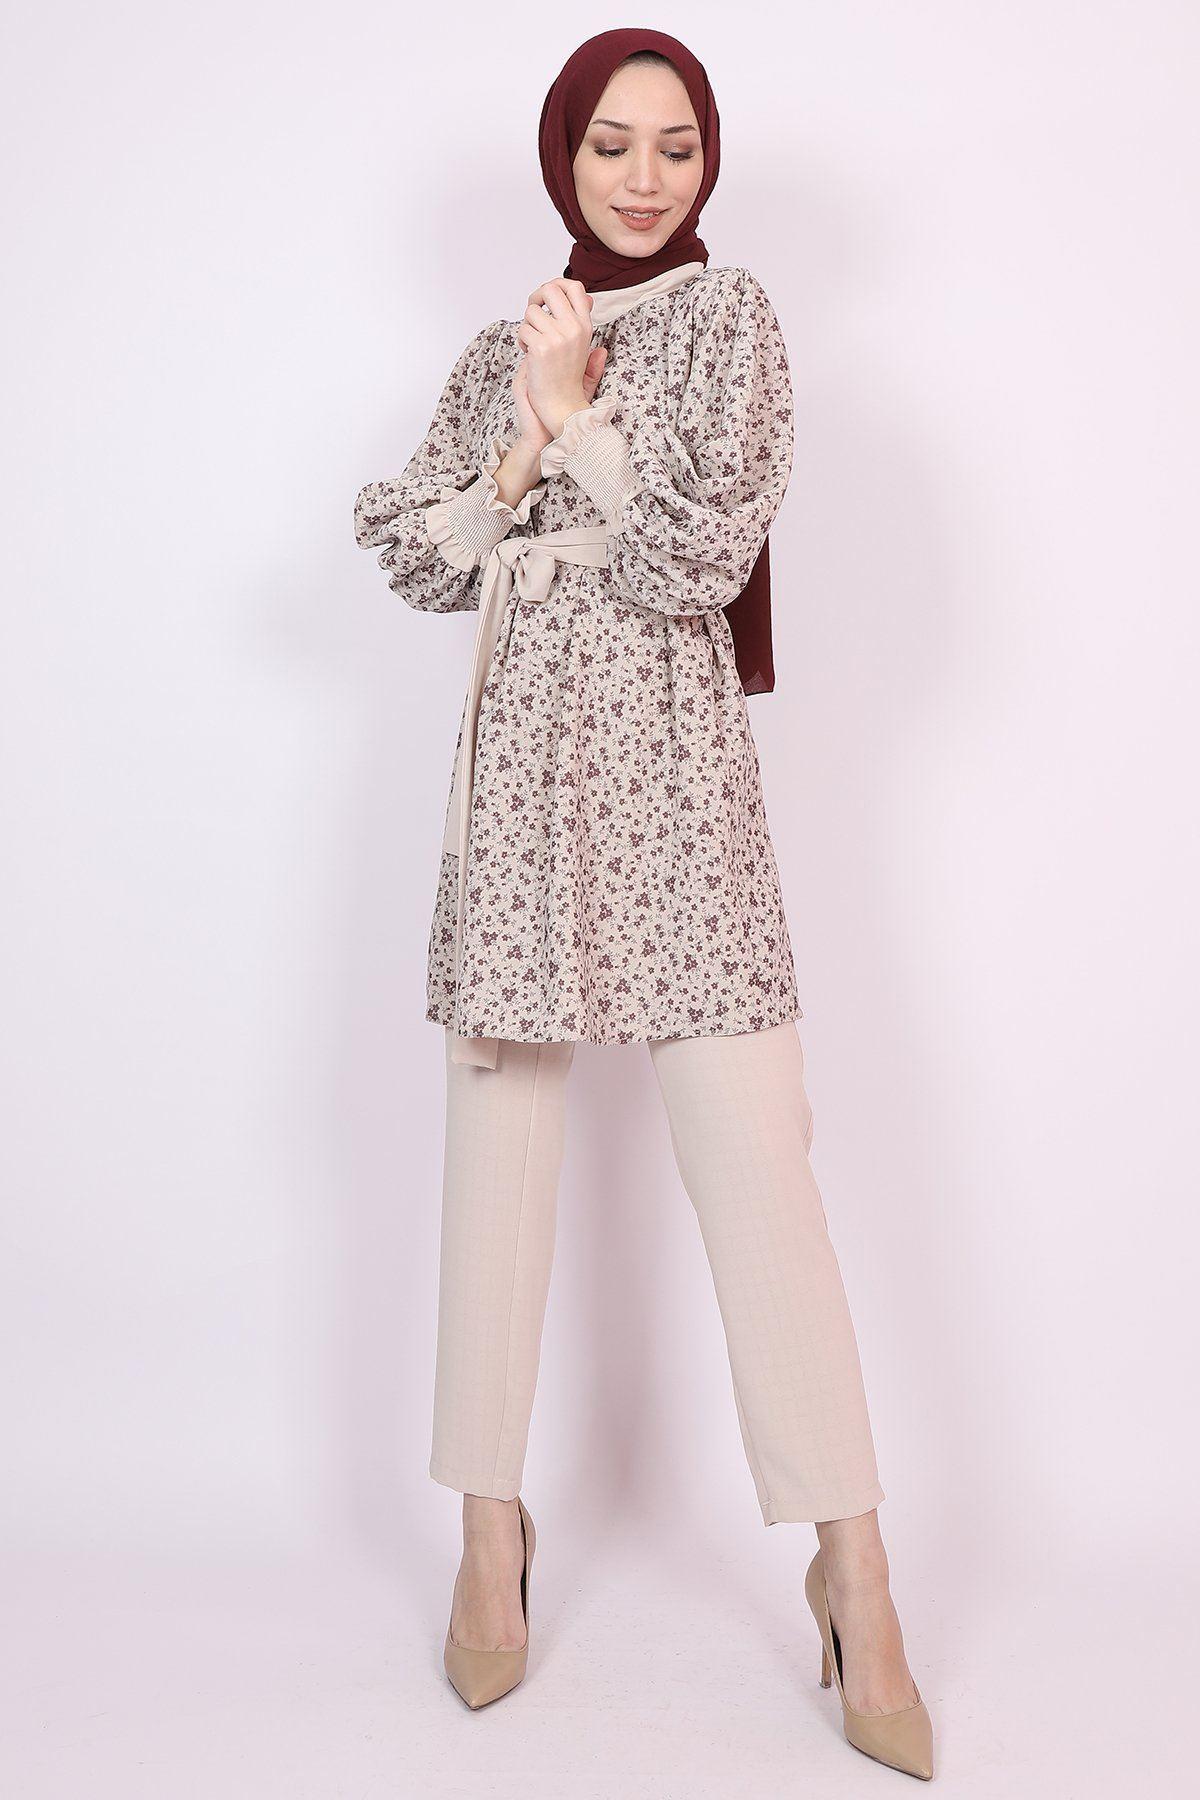 Kadın Çiçekli Büzgülü Balon Kol Takım Elbise - Açık Kahve